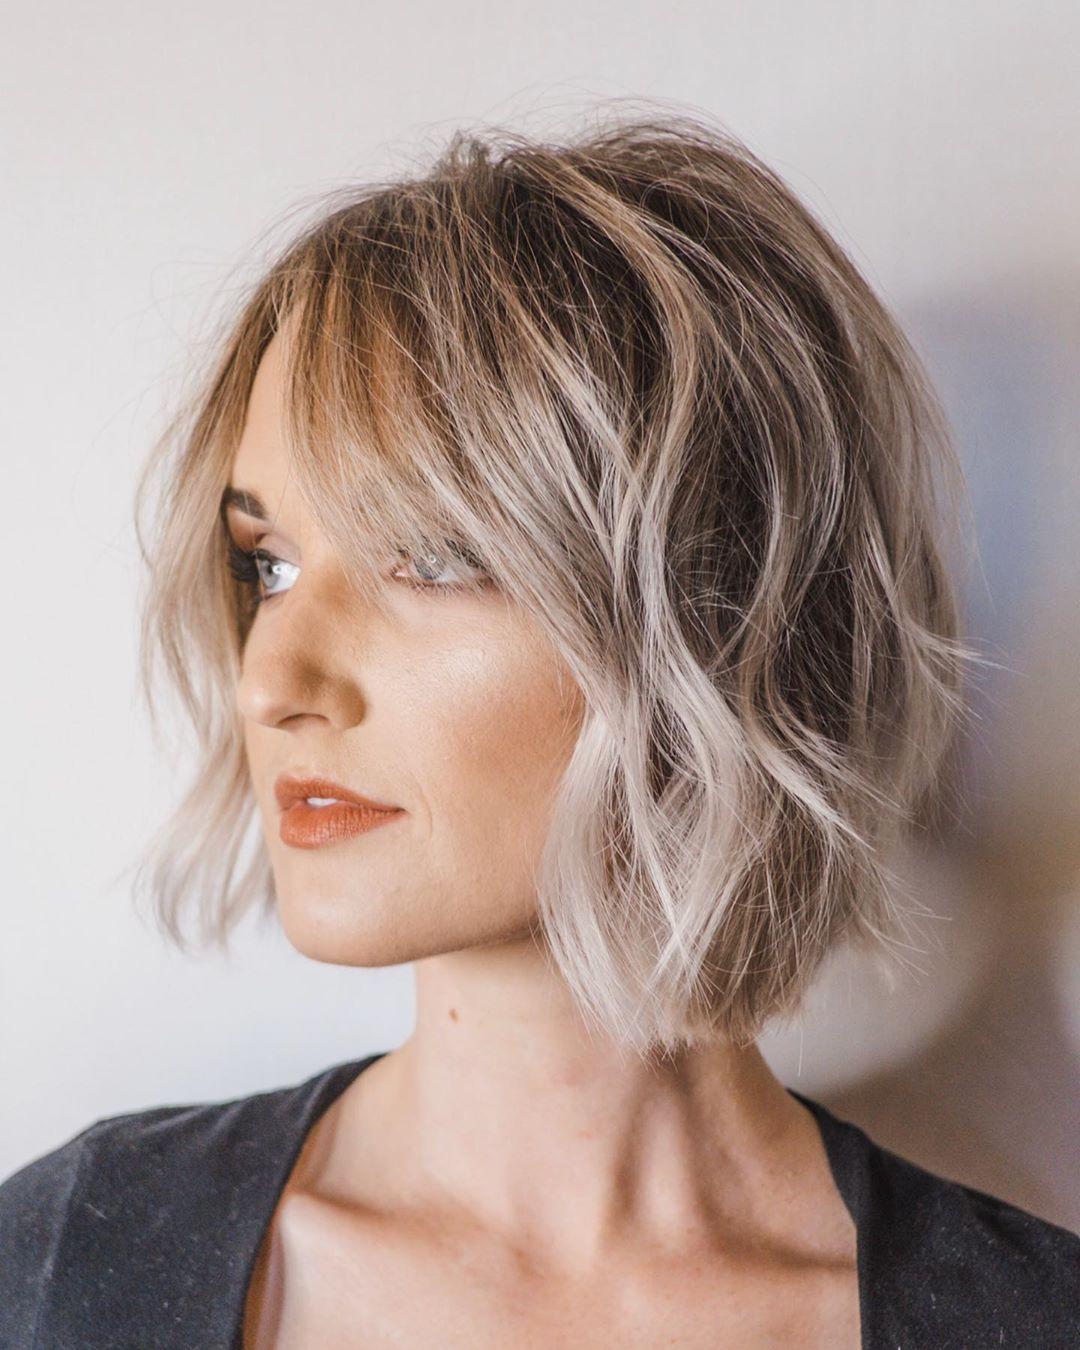 10 coupes de cheveux tendance à la mode pour les femmes - coiffure courte 2020 - Coiffure.io ...